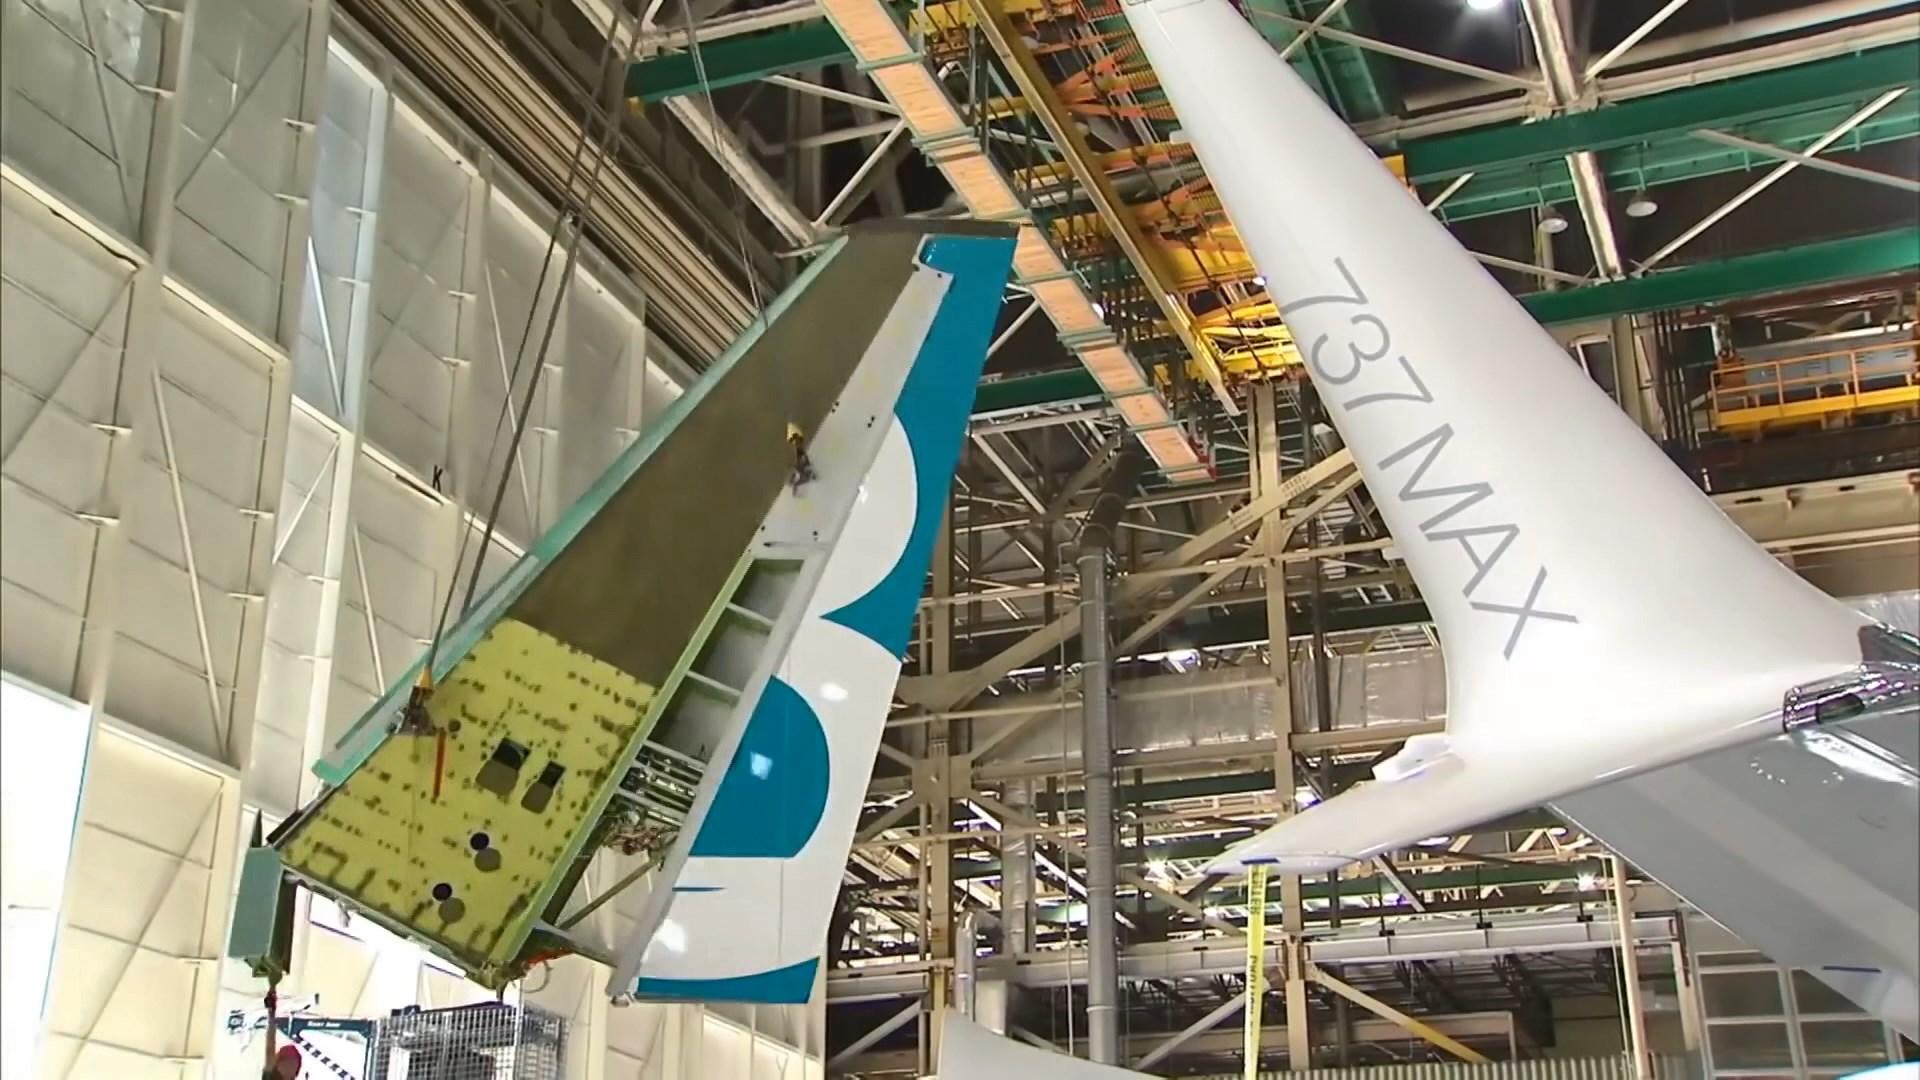 報道指白宮恐停飛737MAX造成經濟損失